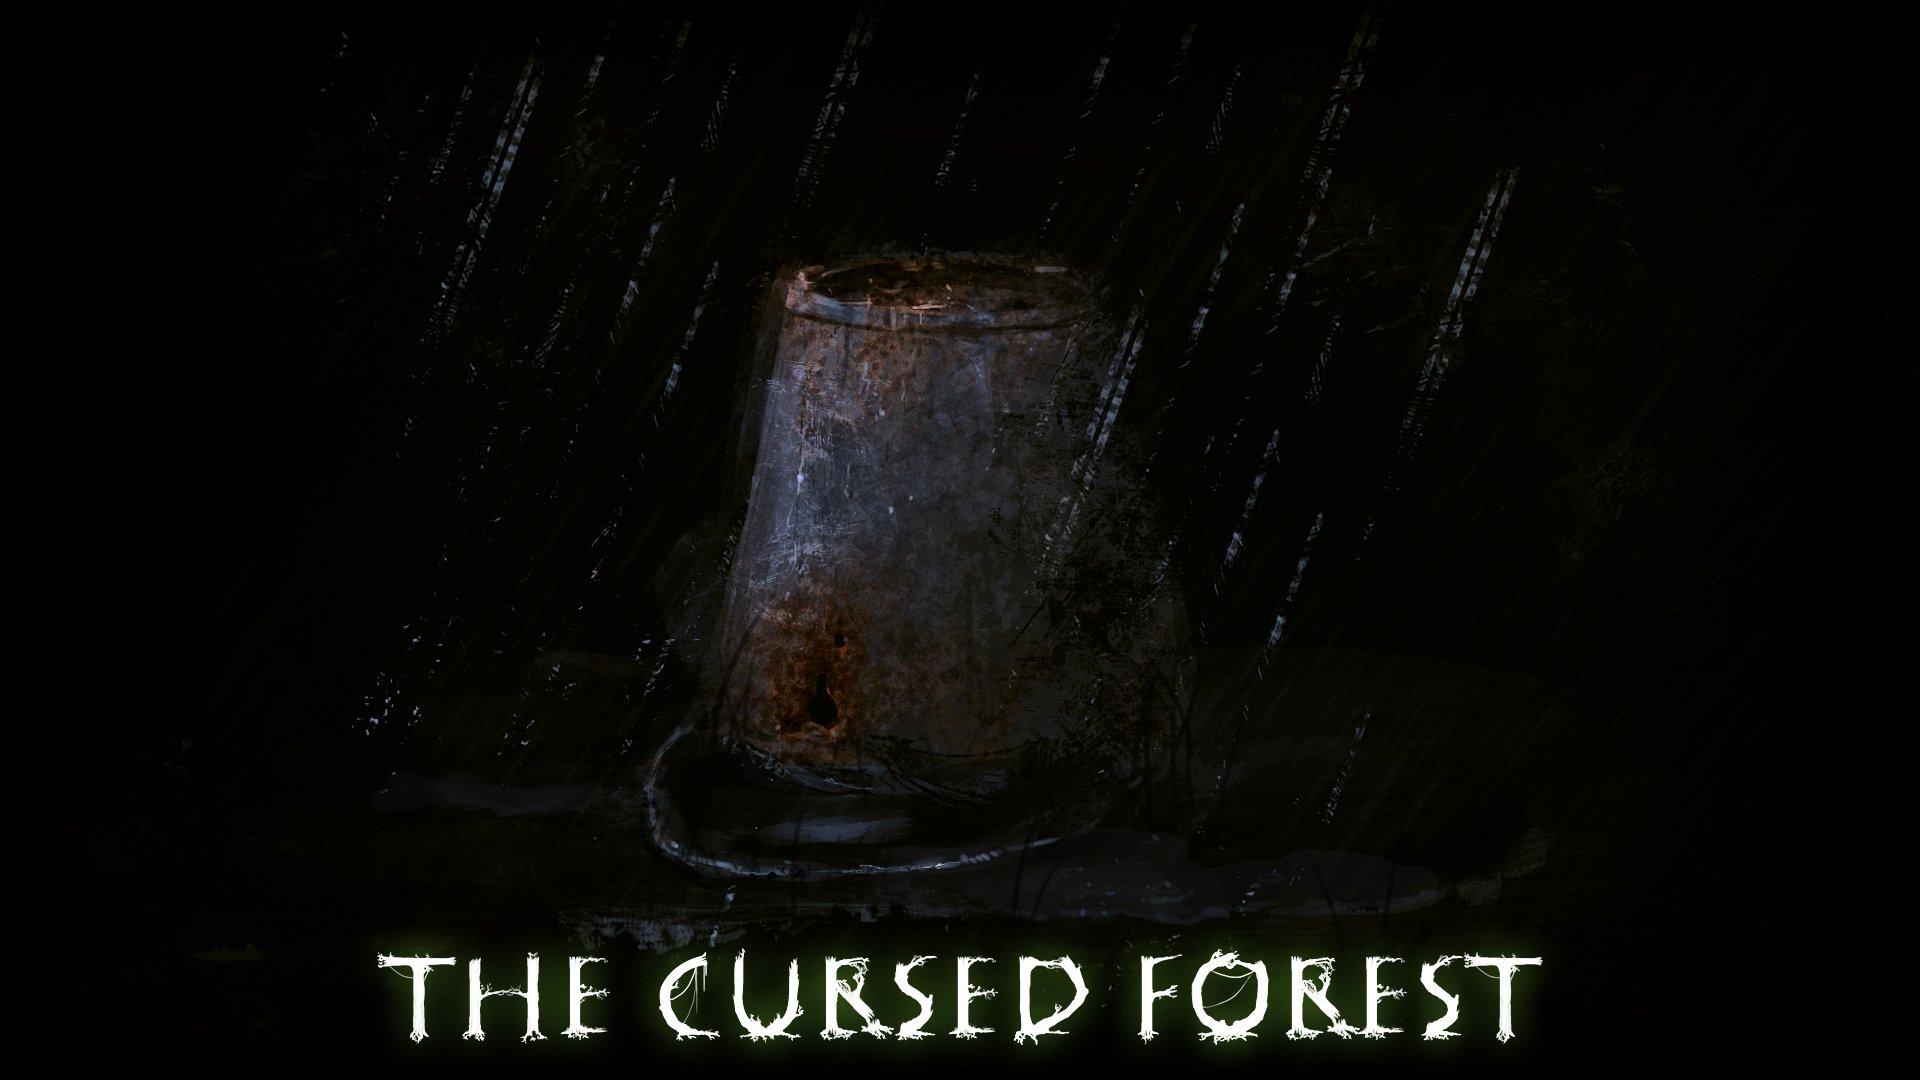 Вторая глава The Cursed Forest уже вышла!) - Изображение 3